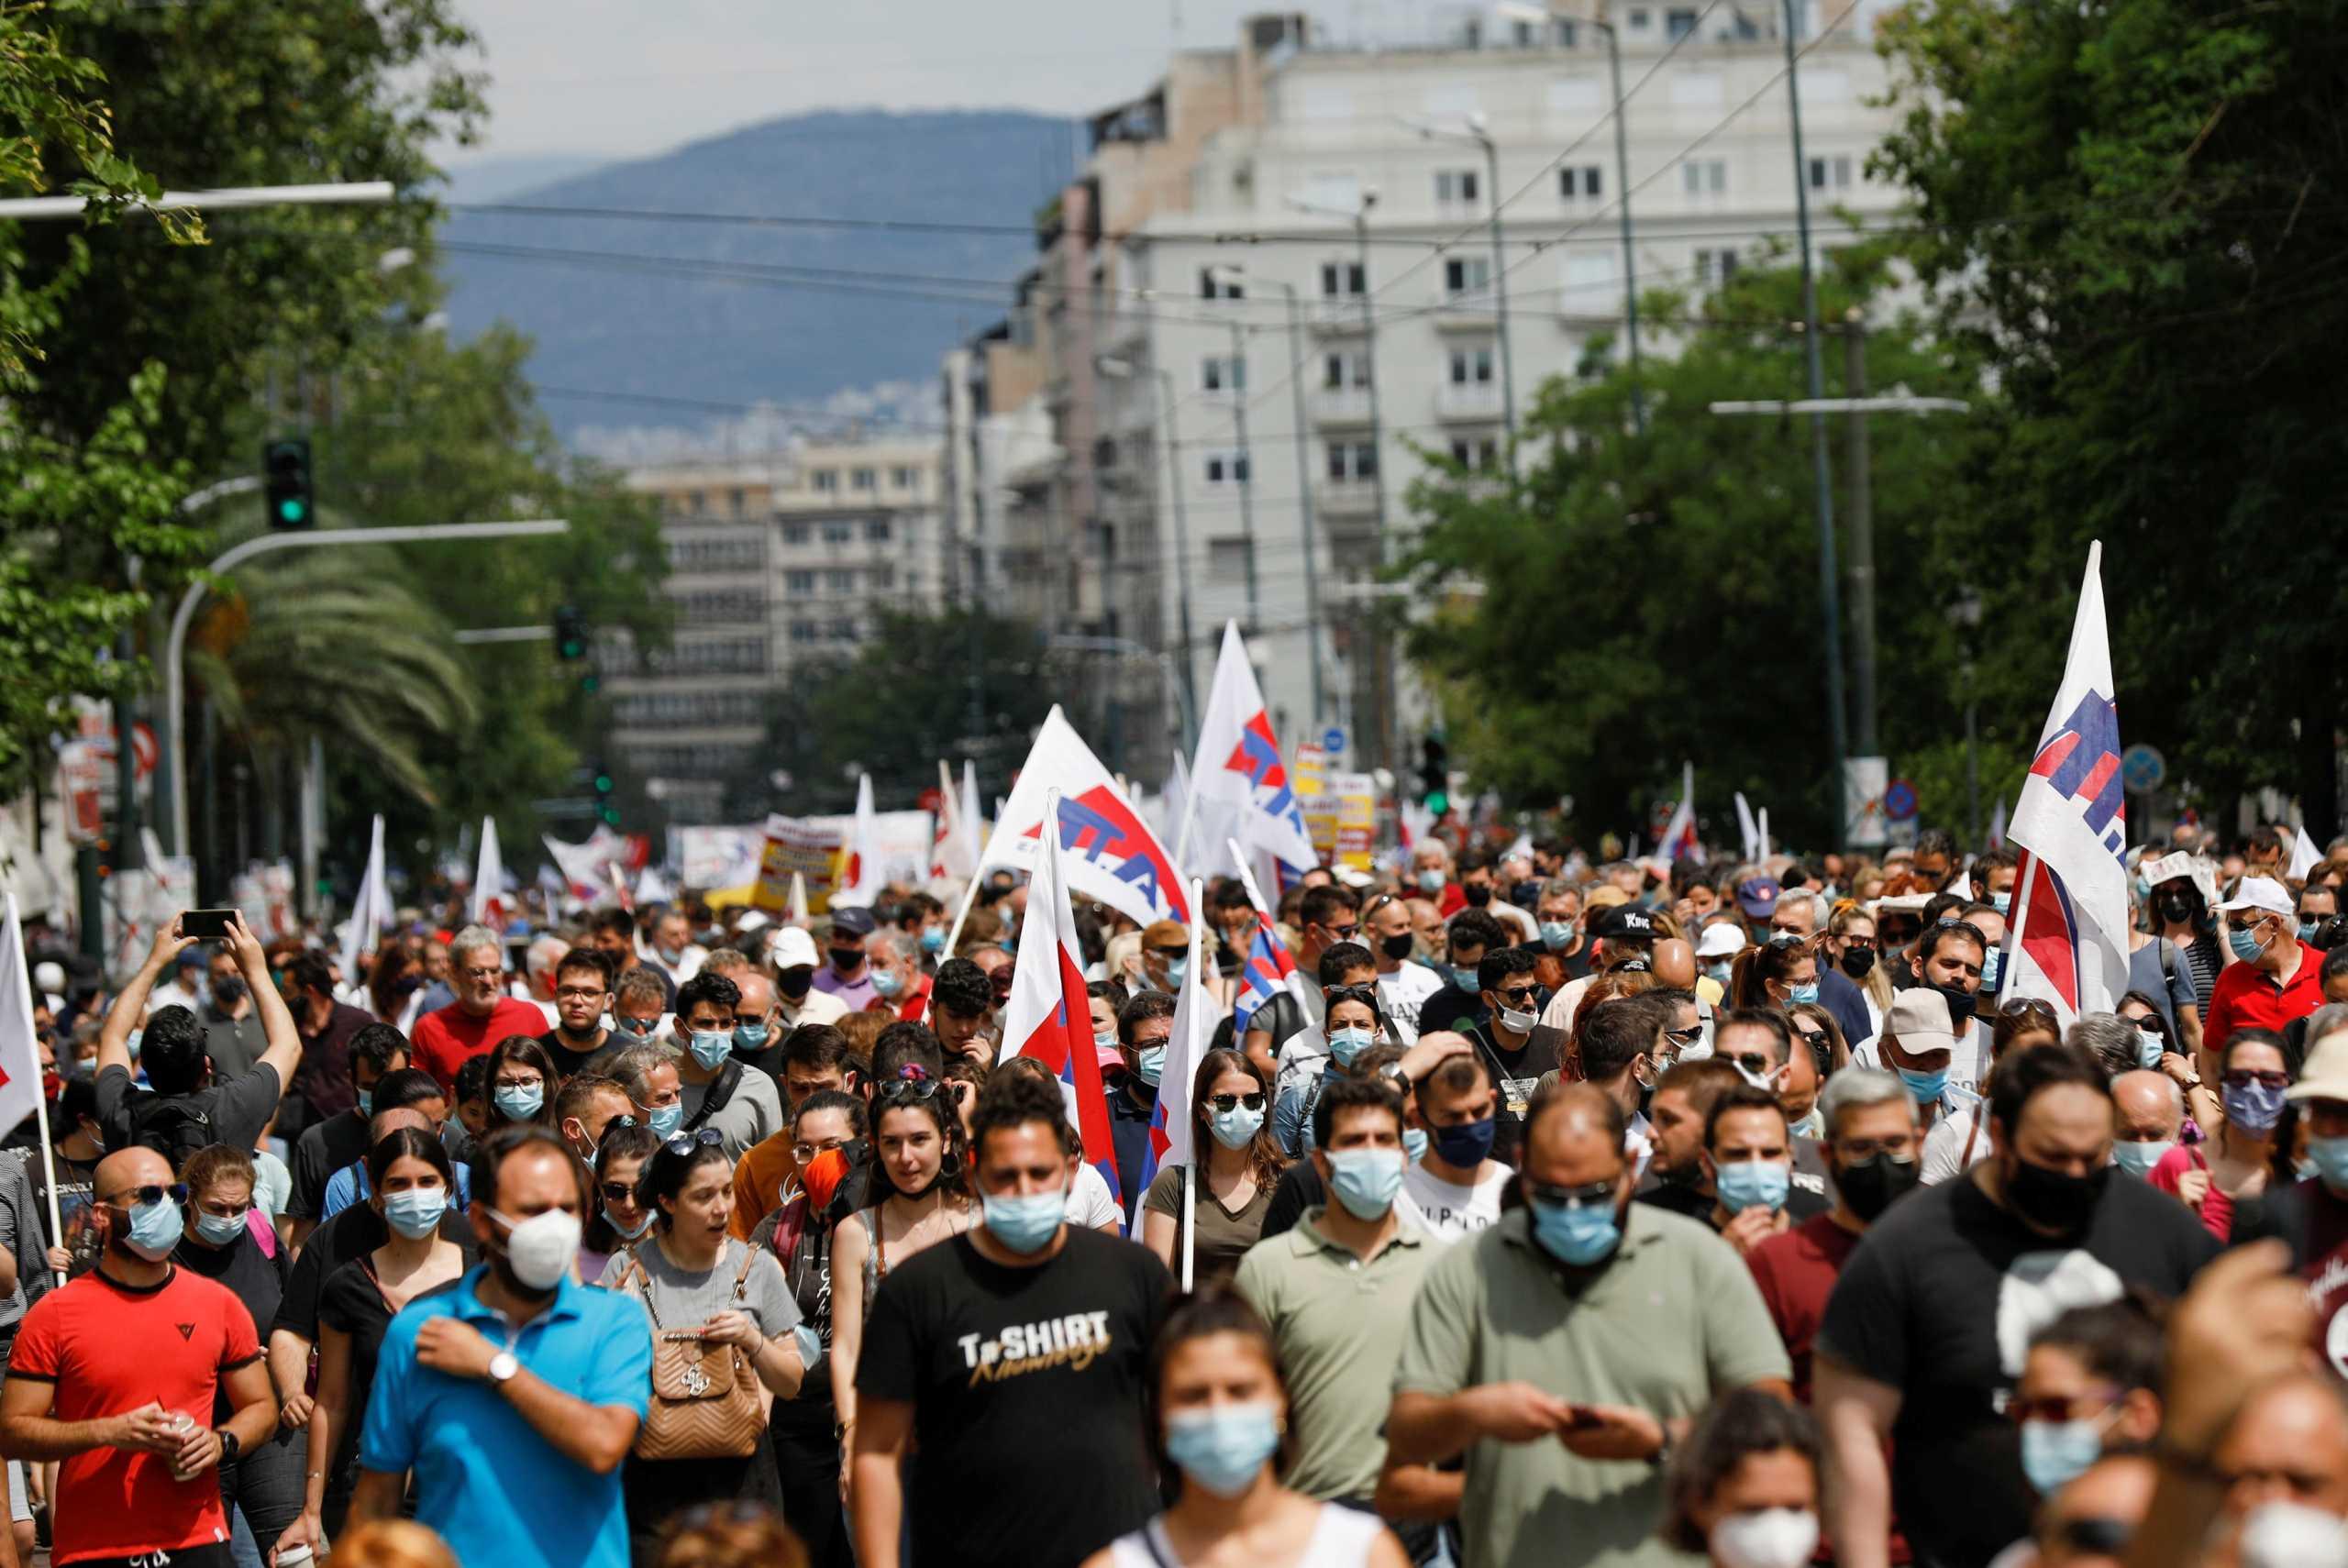 """Επικοινωνιακή αντεπίθεση για το εργασιακό νομοσχέδιο – Πως """"είδαν"""" στο Μαξίμου τις απεργιακές συγκεντρώσεις"""